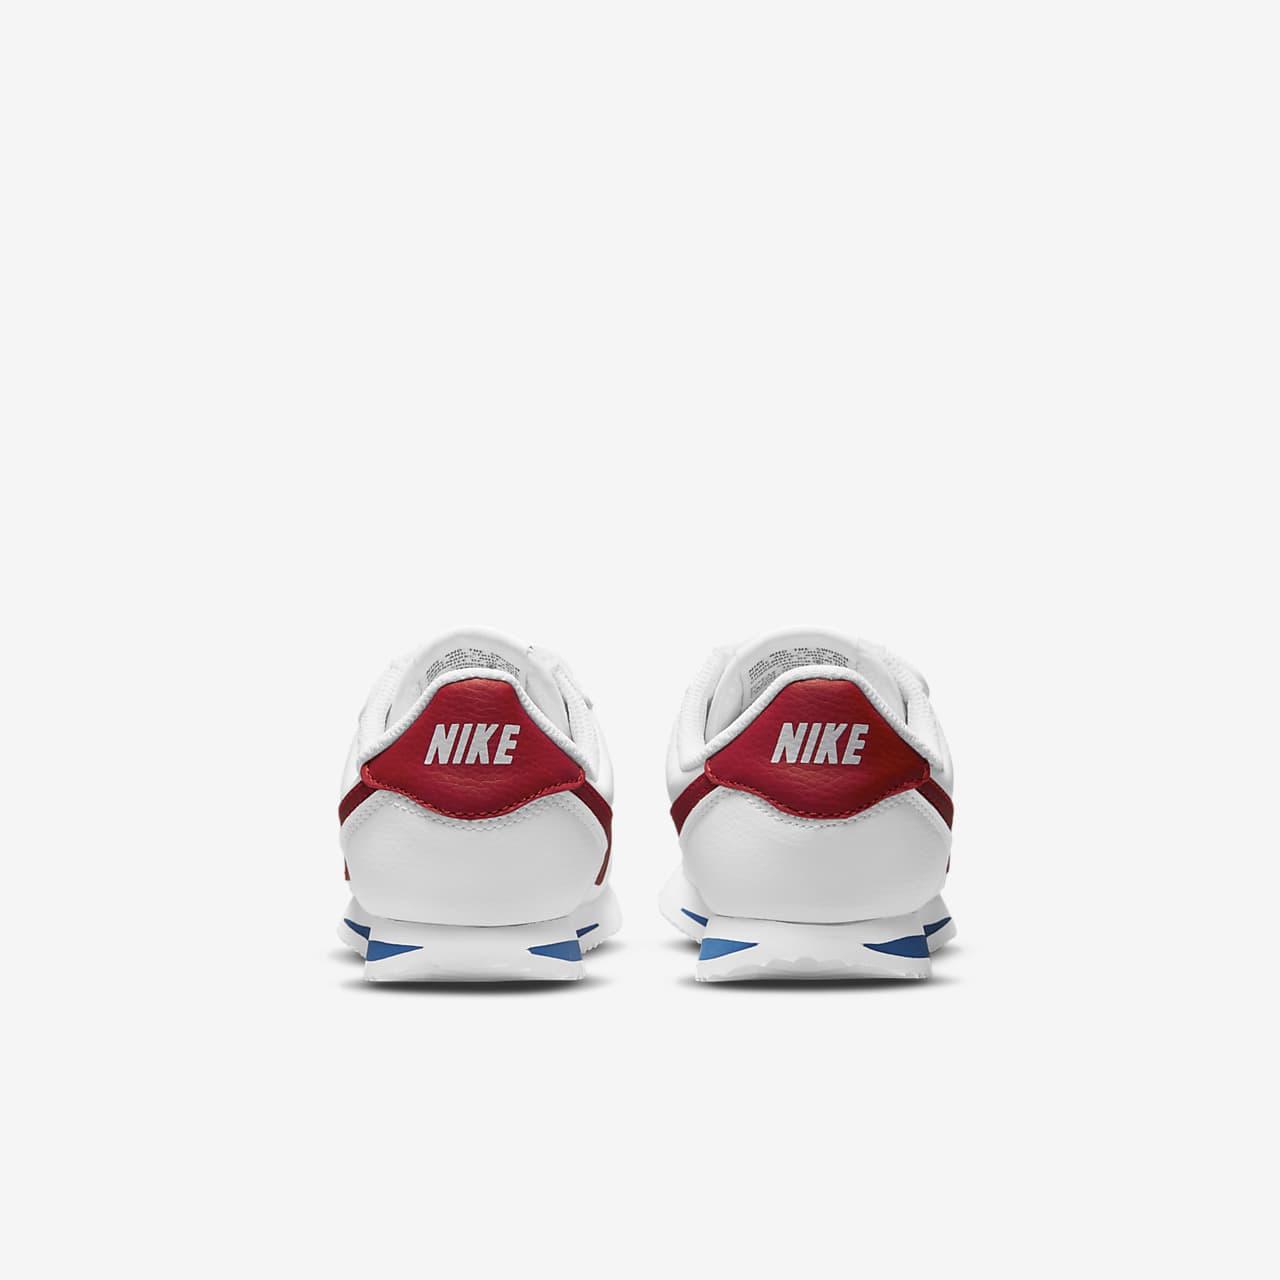 Basic Chaussure Enfant Cortez Jeune Sl Nike Pour w8knO0P